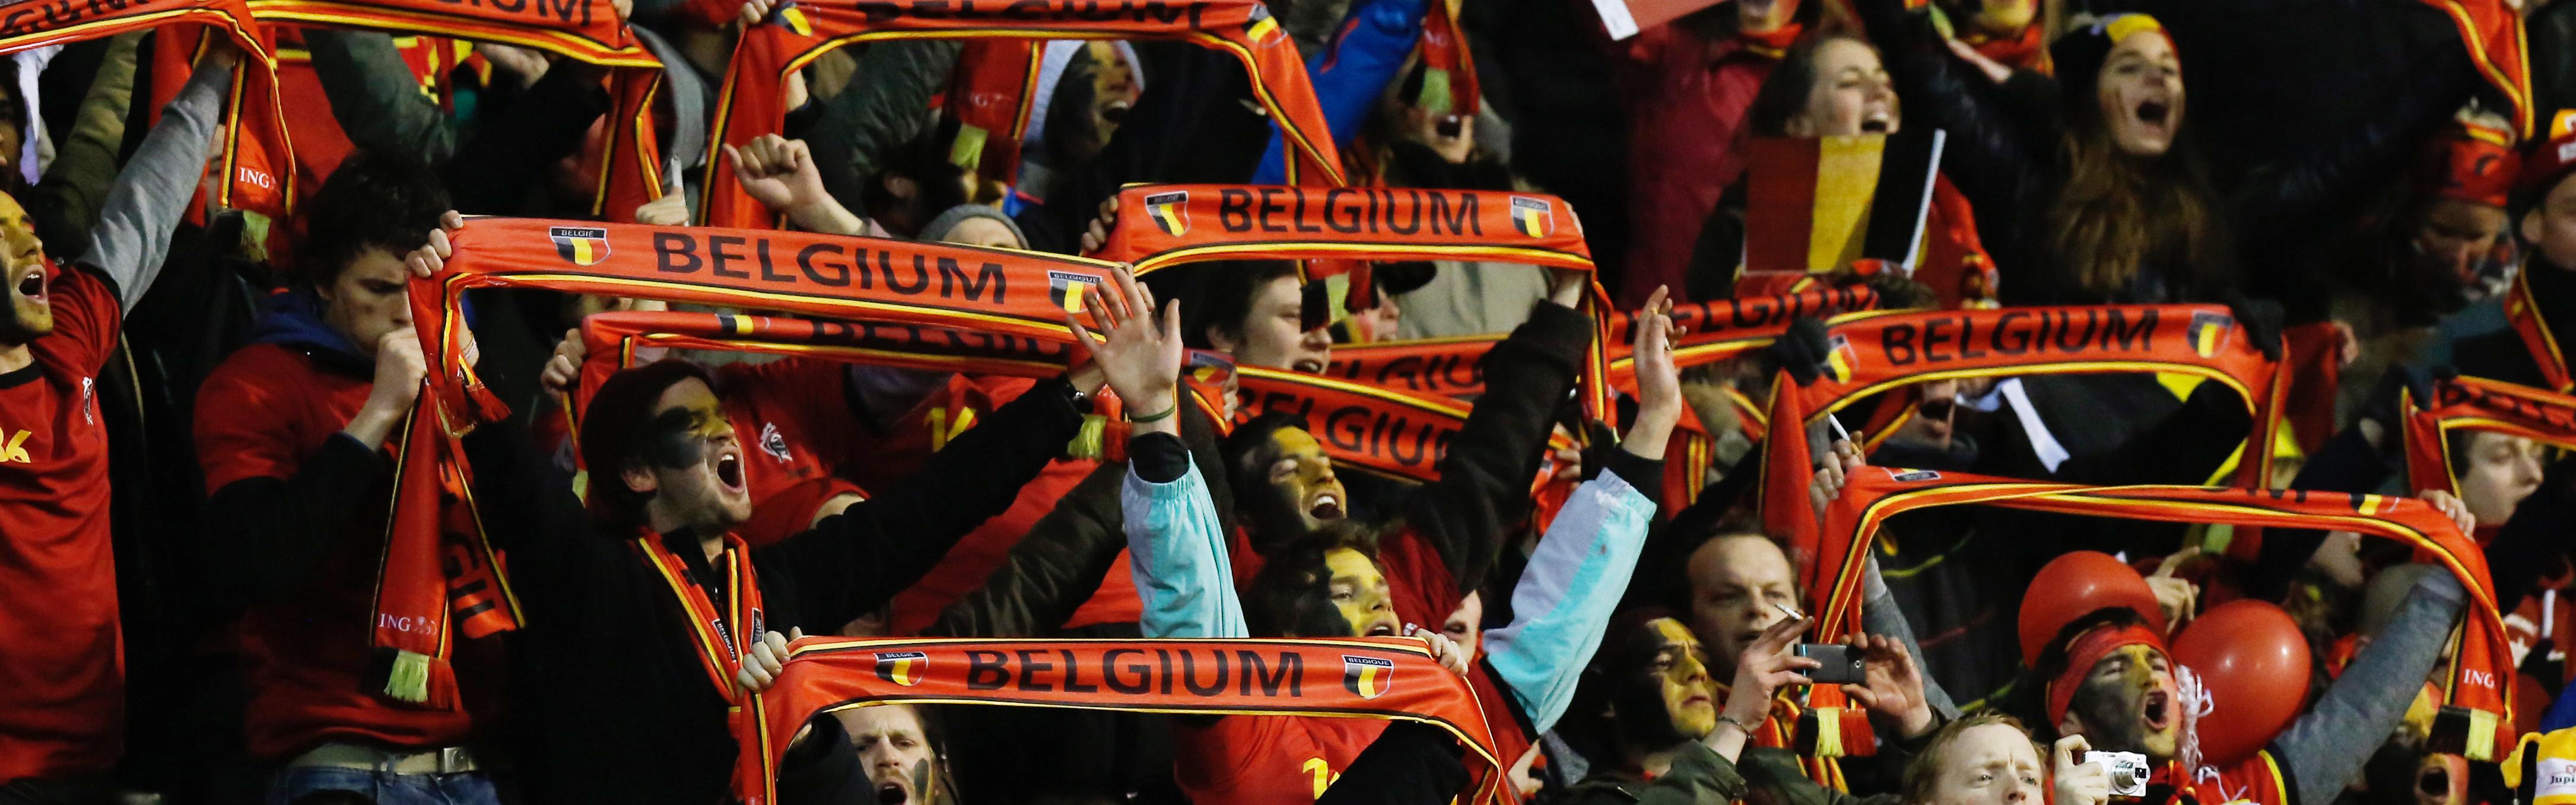 Tientallen supporters rode duivels nog steeds vast op cyprus door zandstorm